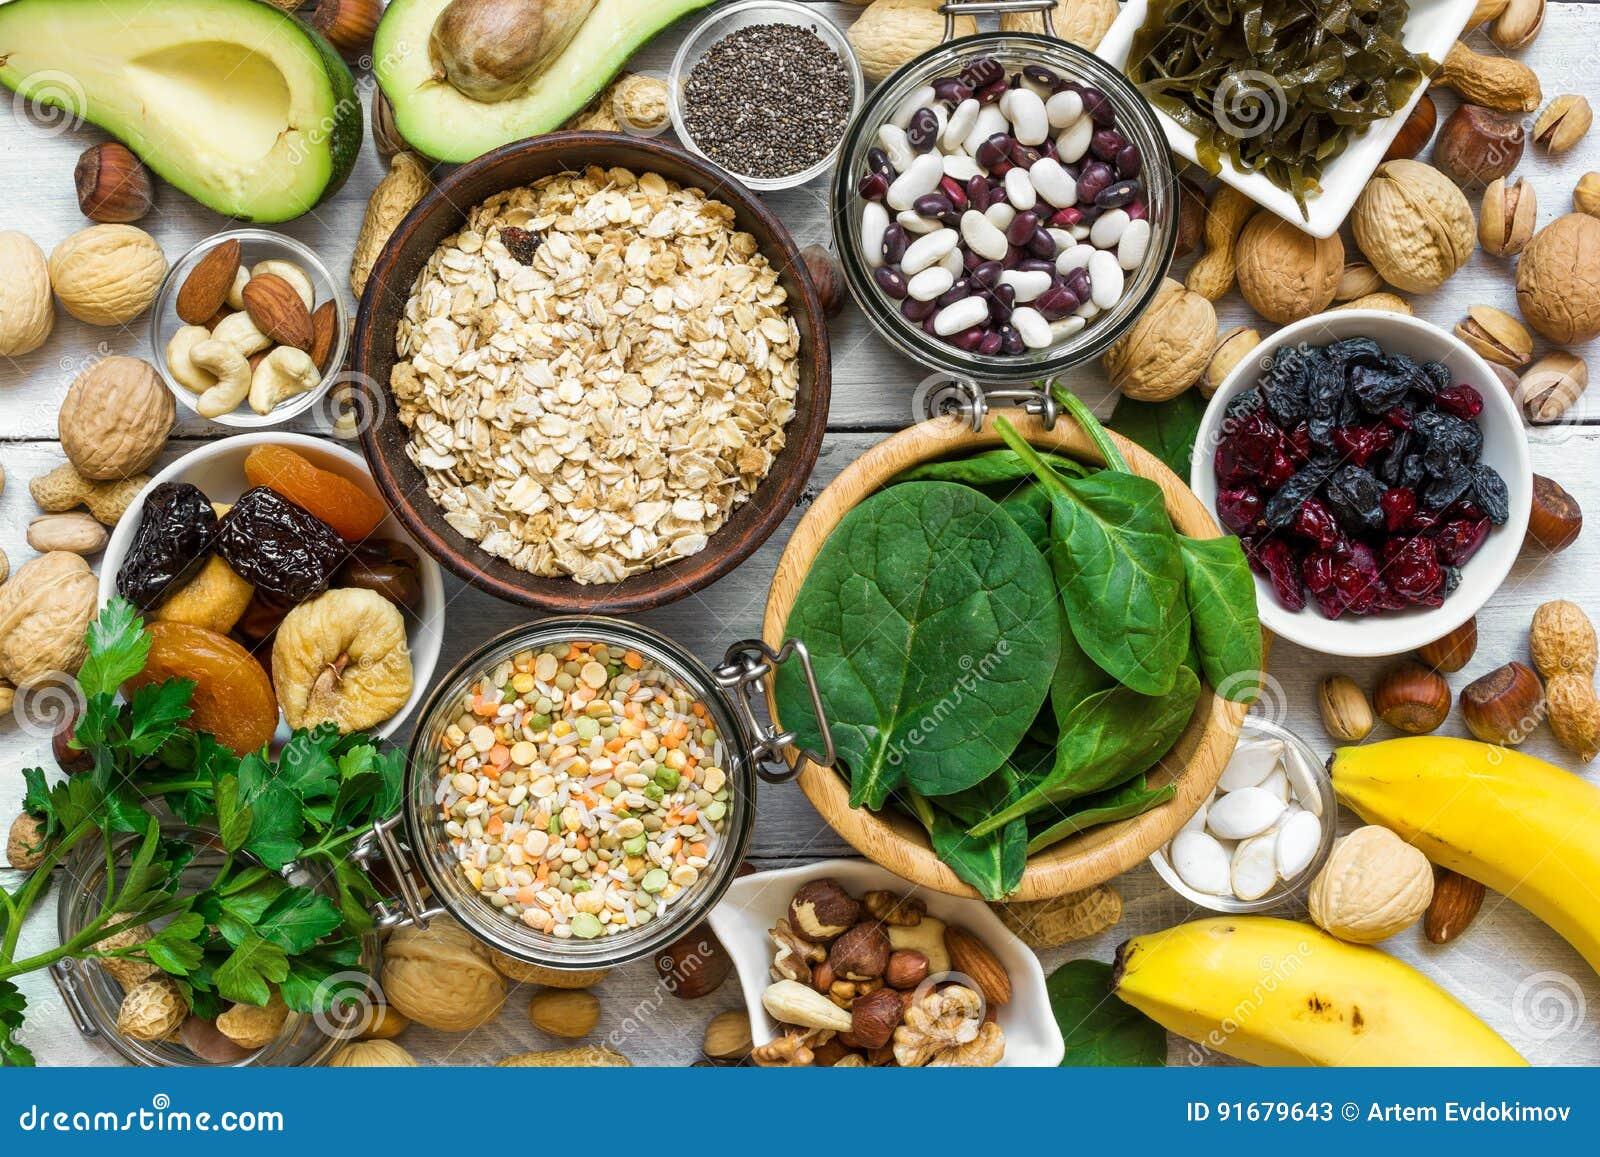 vilken mat innehåller magnesium